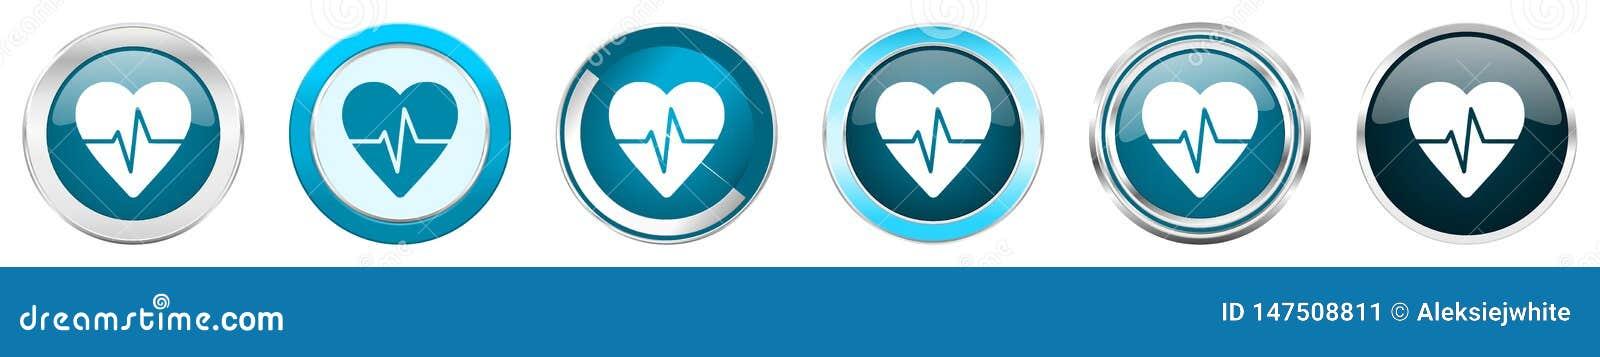 Pulsen försilvrar metalliska kromgränssymboler i 6 alternativ, ställde in av blåa runda knappar för rengöringsduken som isoleras